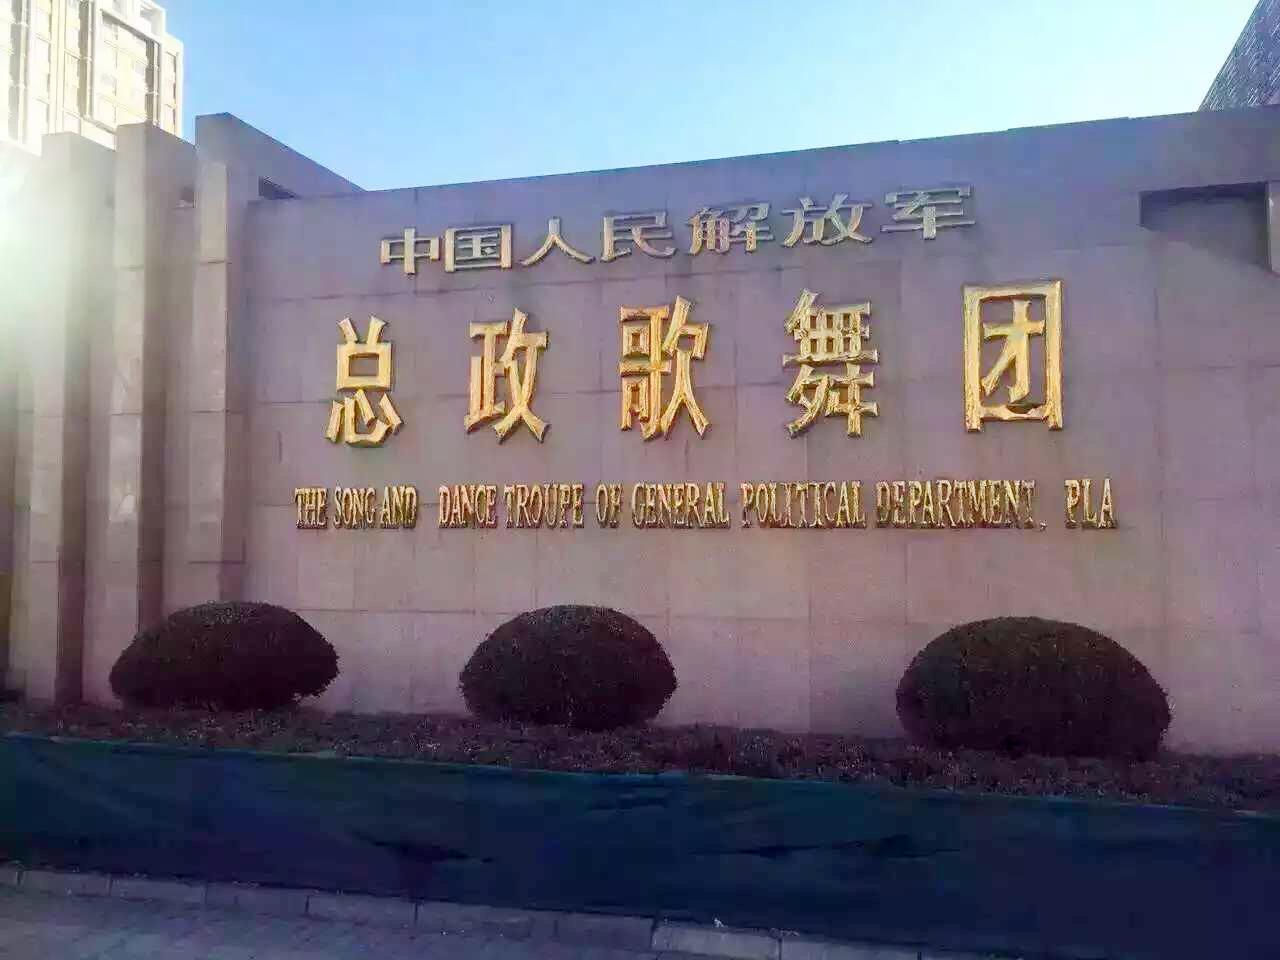 自由亚洲|解放军总政歌舞团等三文艺团体撤销